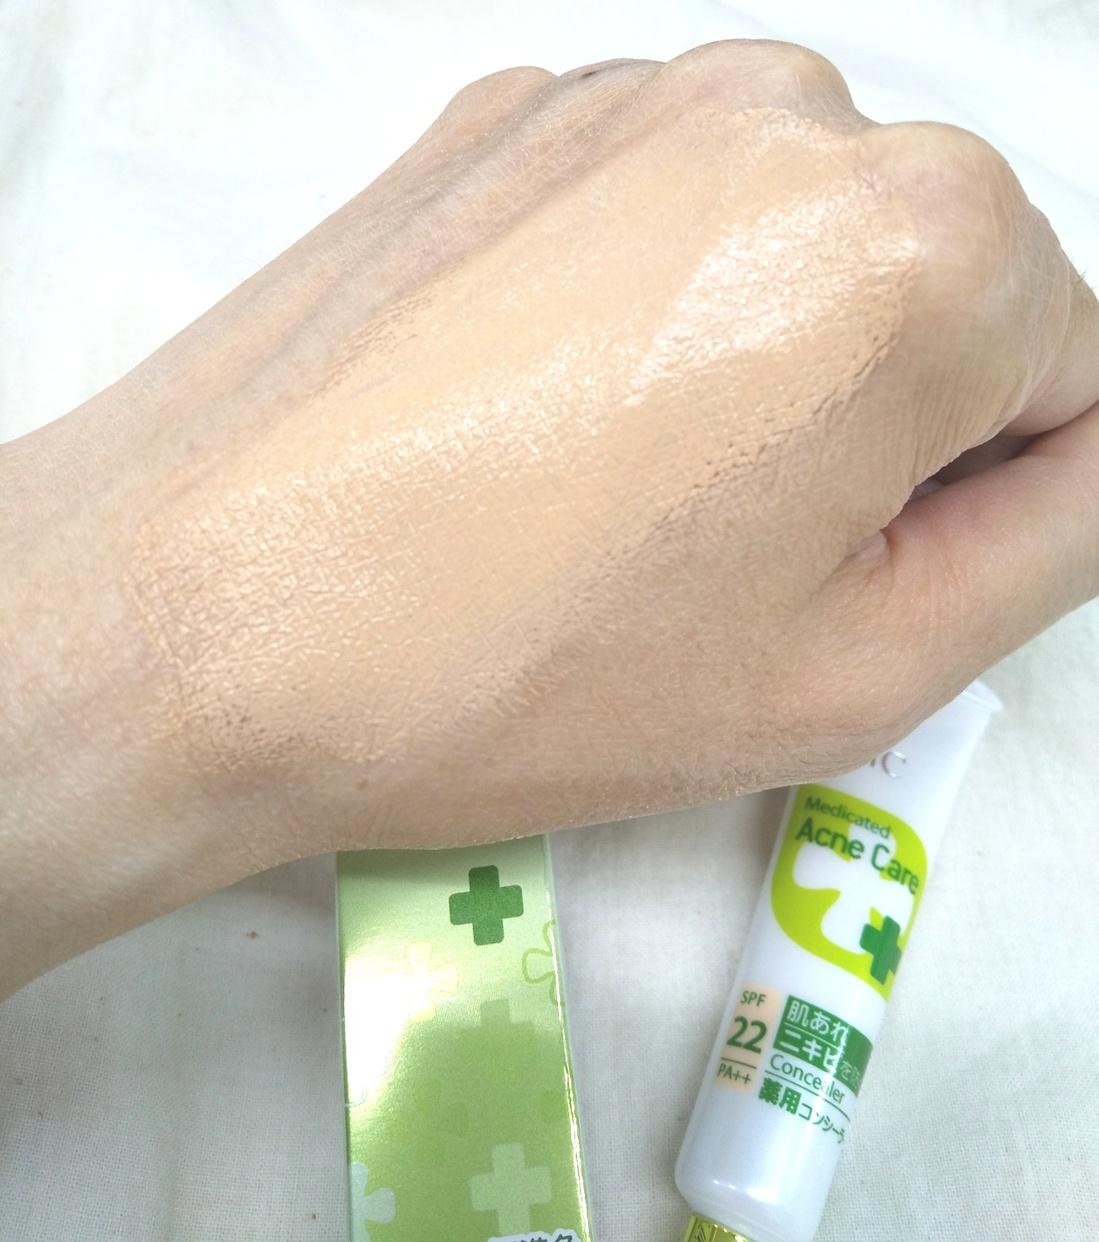 DHC(ディーエイチシー) 薬用アクネケア コンシーラーを使ったカサブランカさんのクチコミ画像3